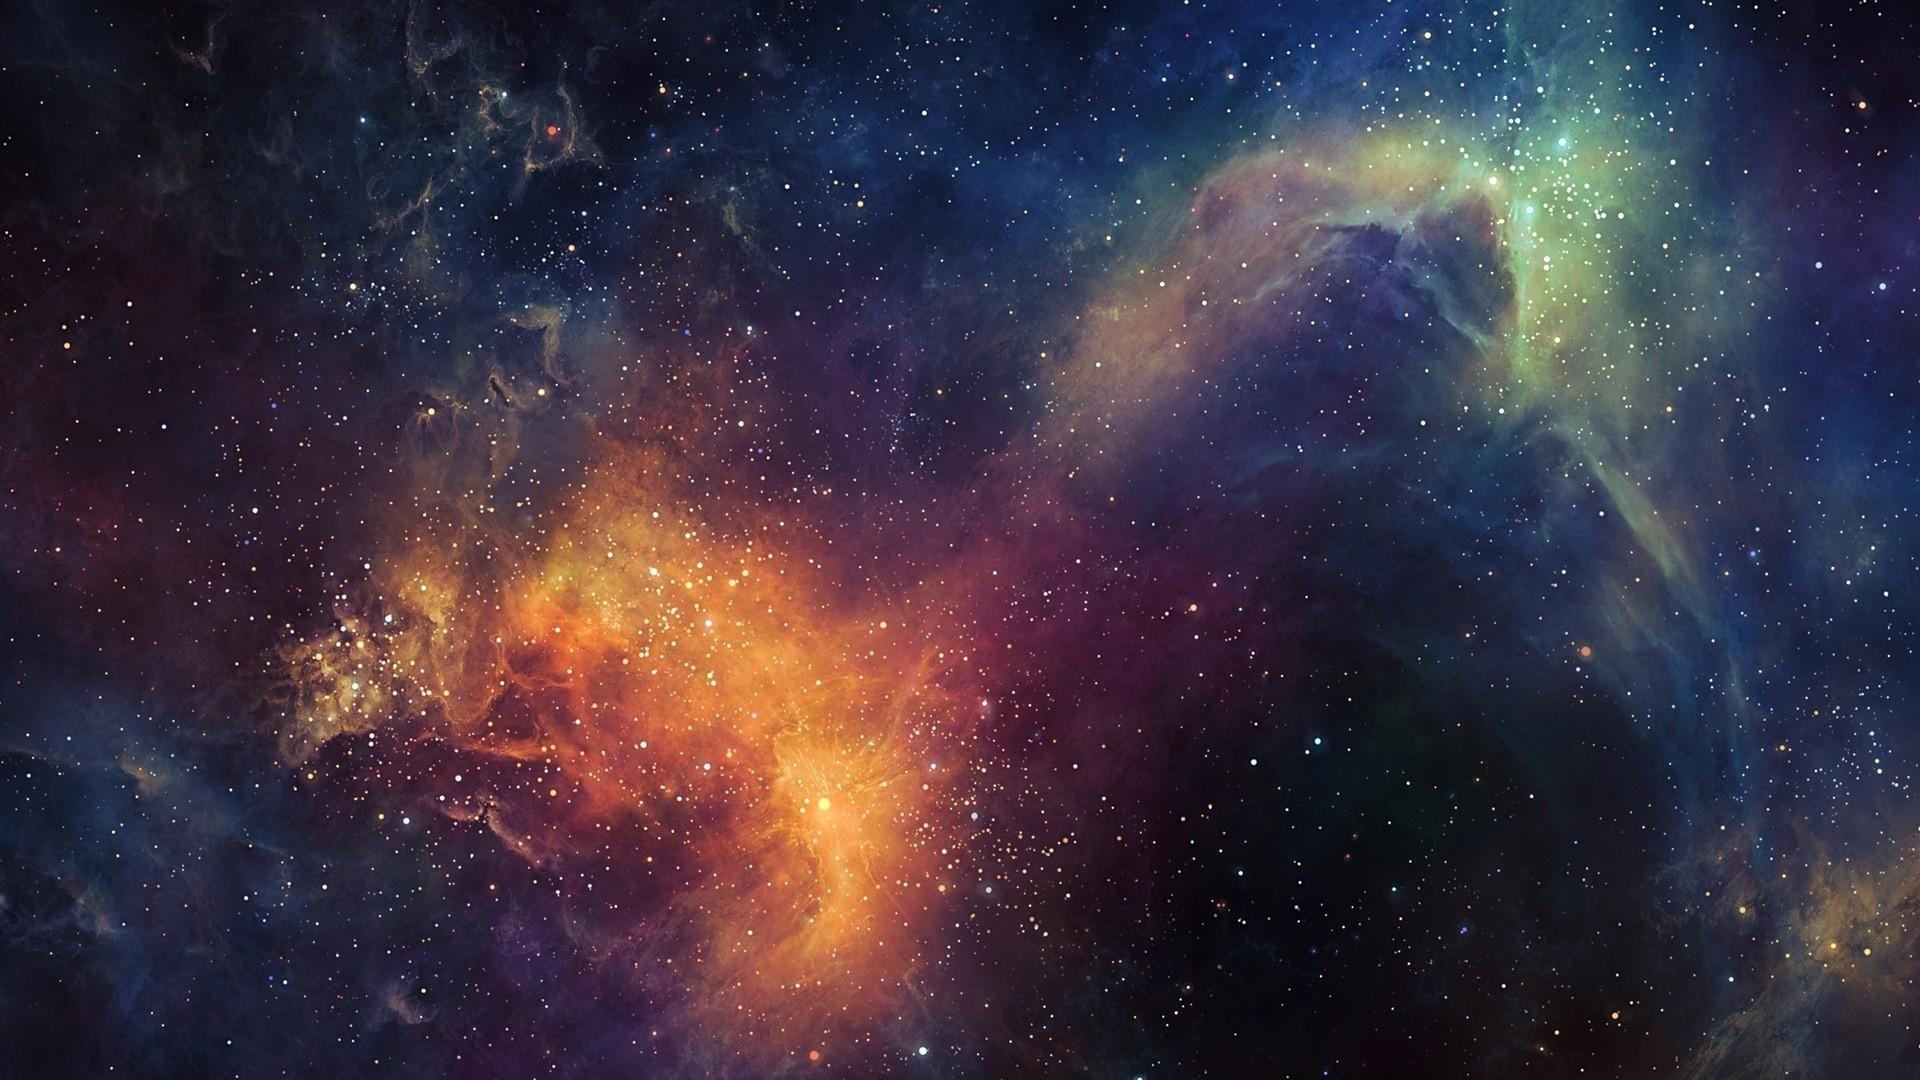 Японцы обнаружили звезду внеобычном коконе